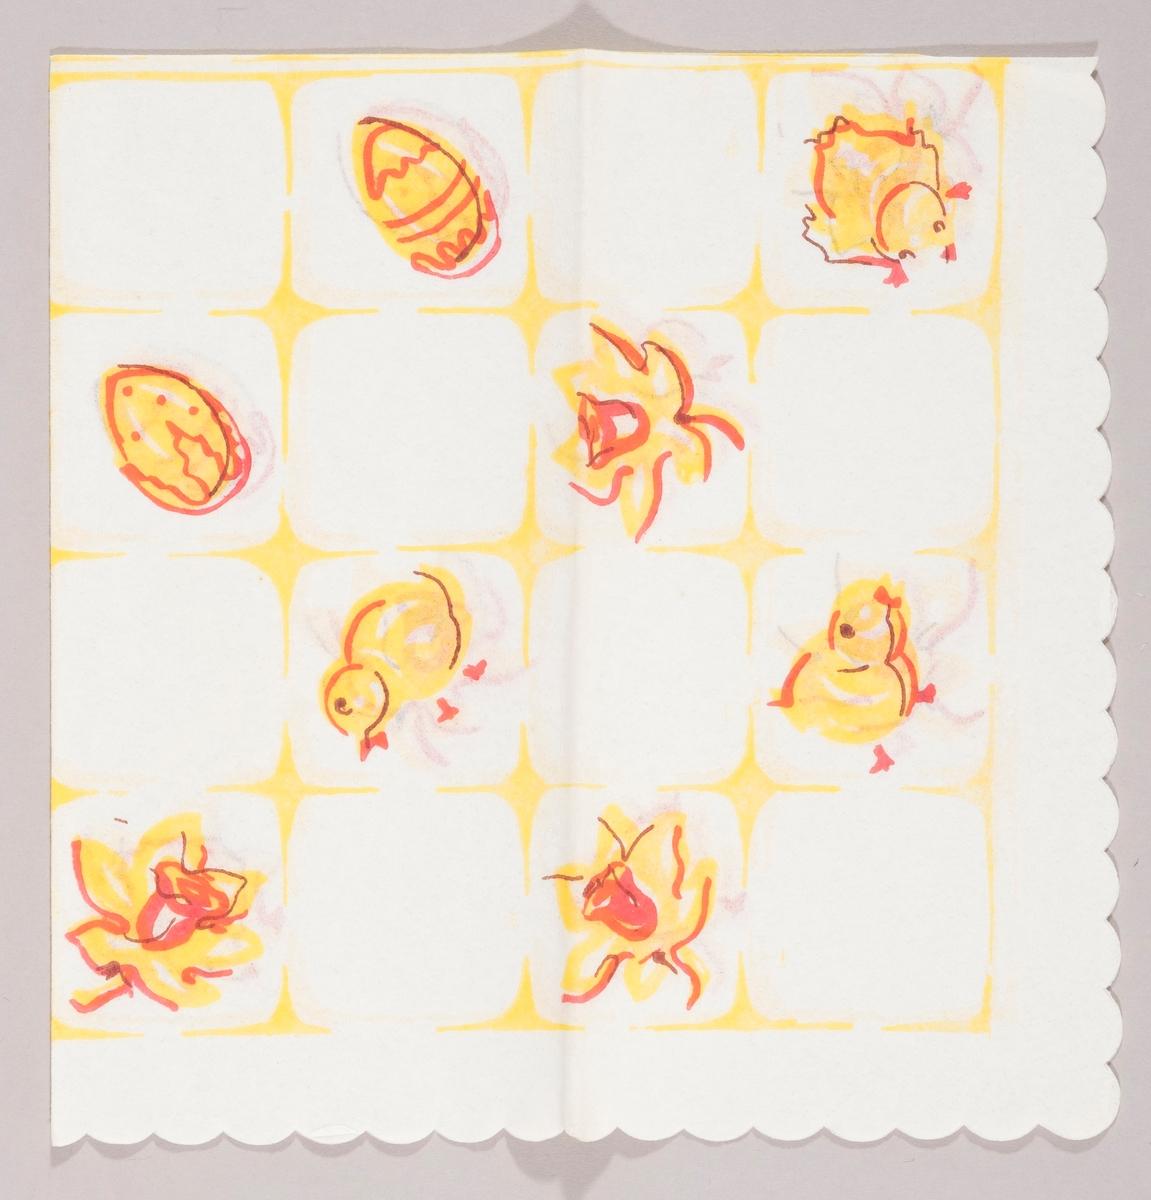 Gule påskekyllinger, gule påskeegg og gule påskeliljer satt inn i et firkantmønster.